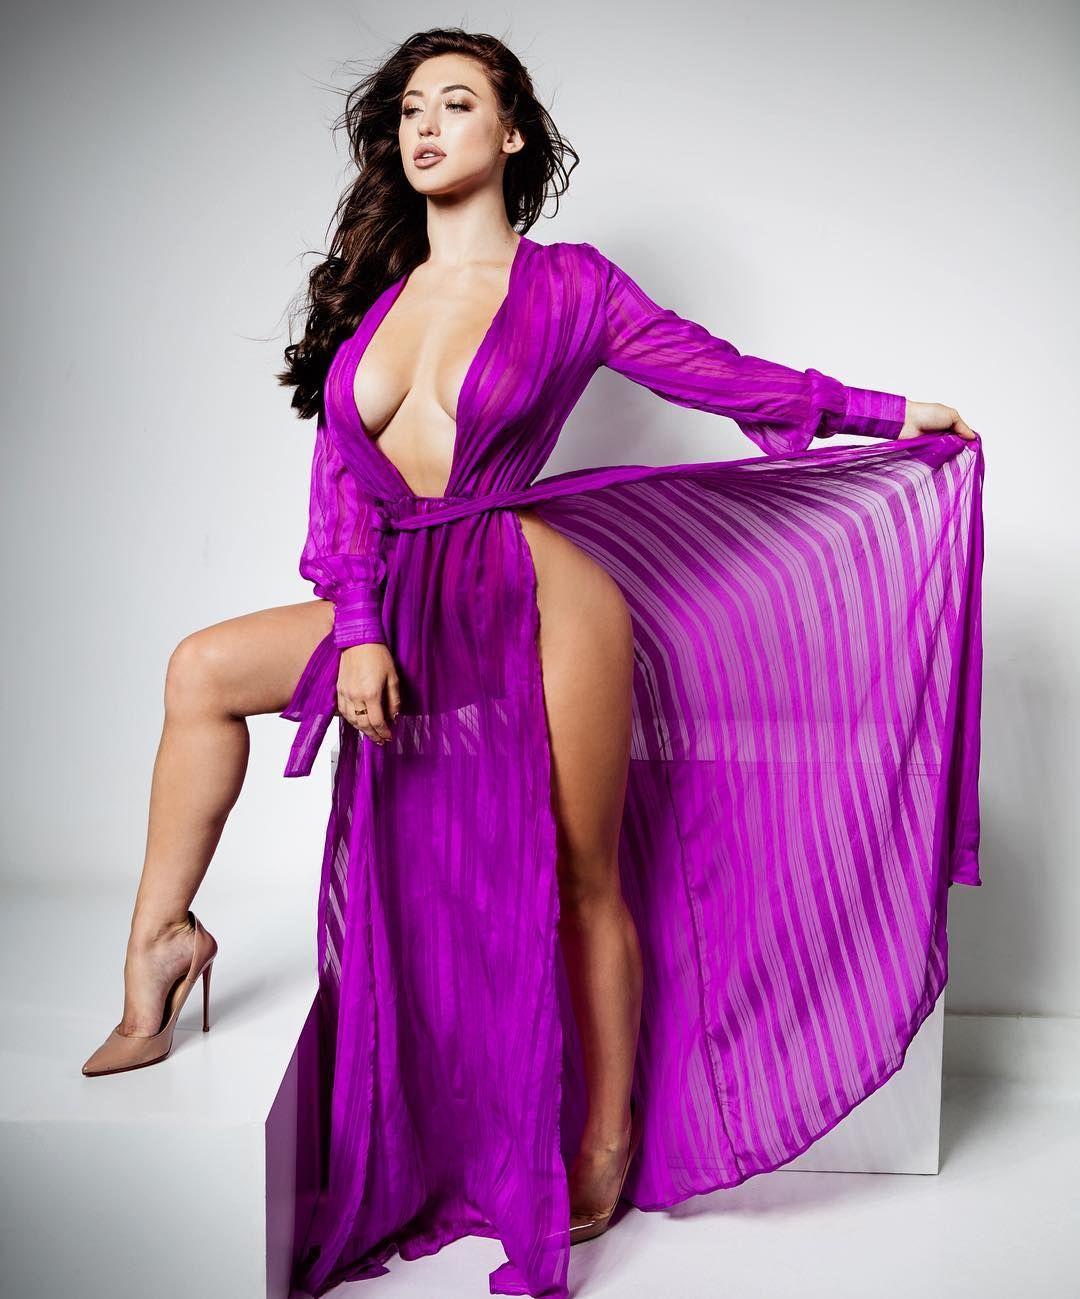 Melina perez topless XXX movies Katrina jade pussy,Alessandra ambrosio sexy 27 Photos 2